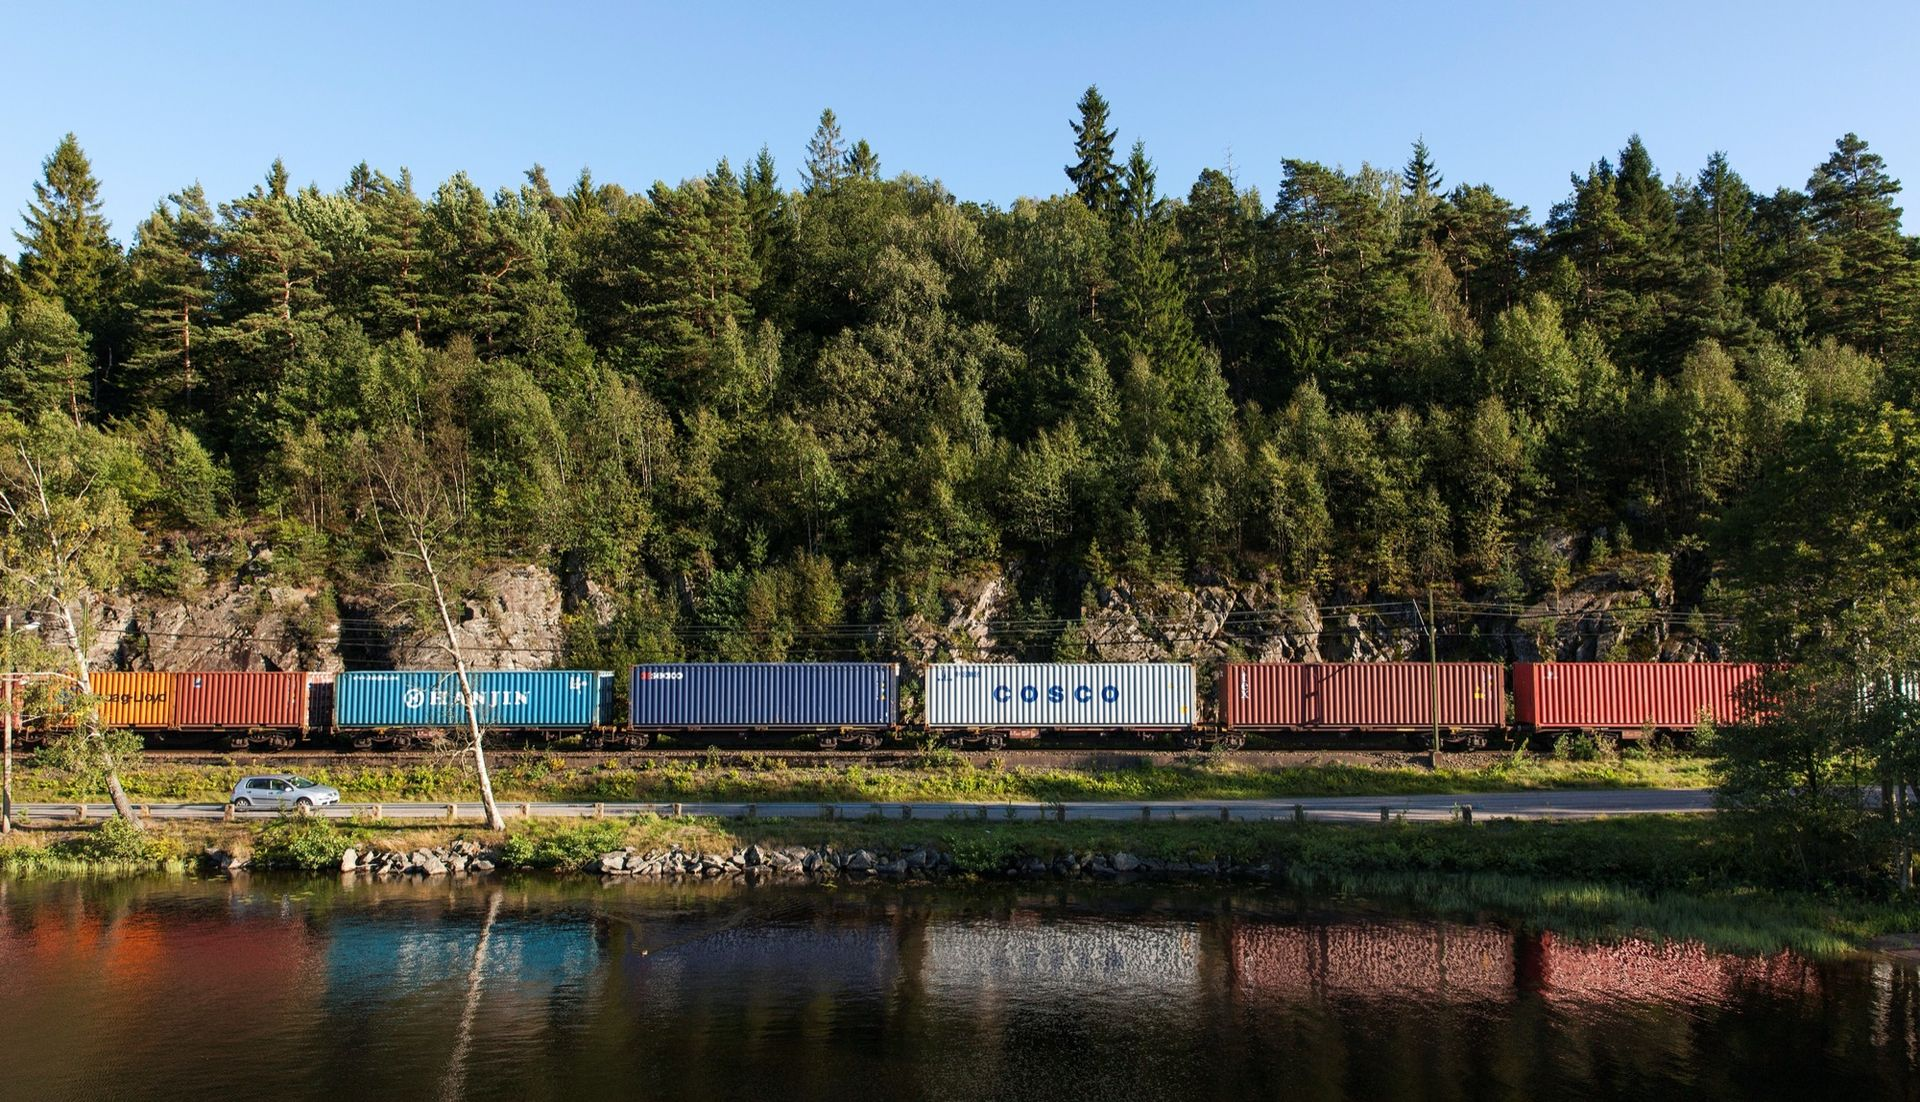 Rekordlångt godståg testkördes i Sverige